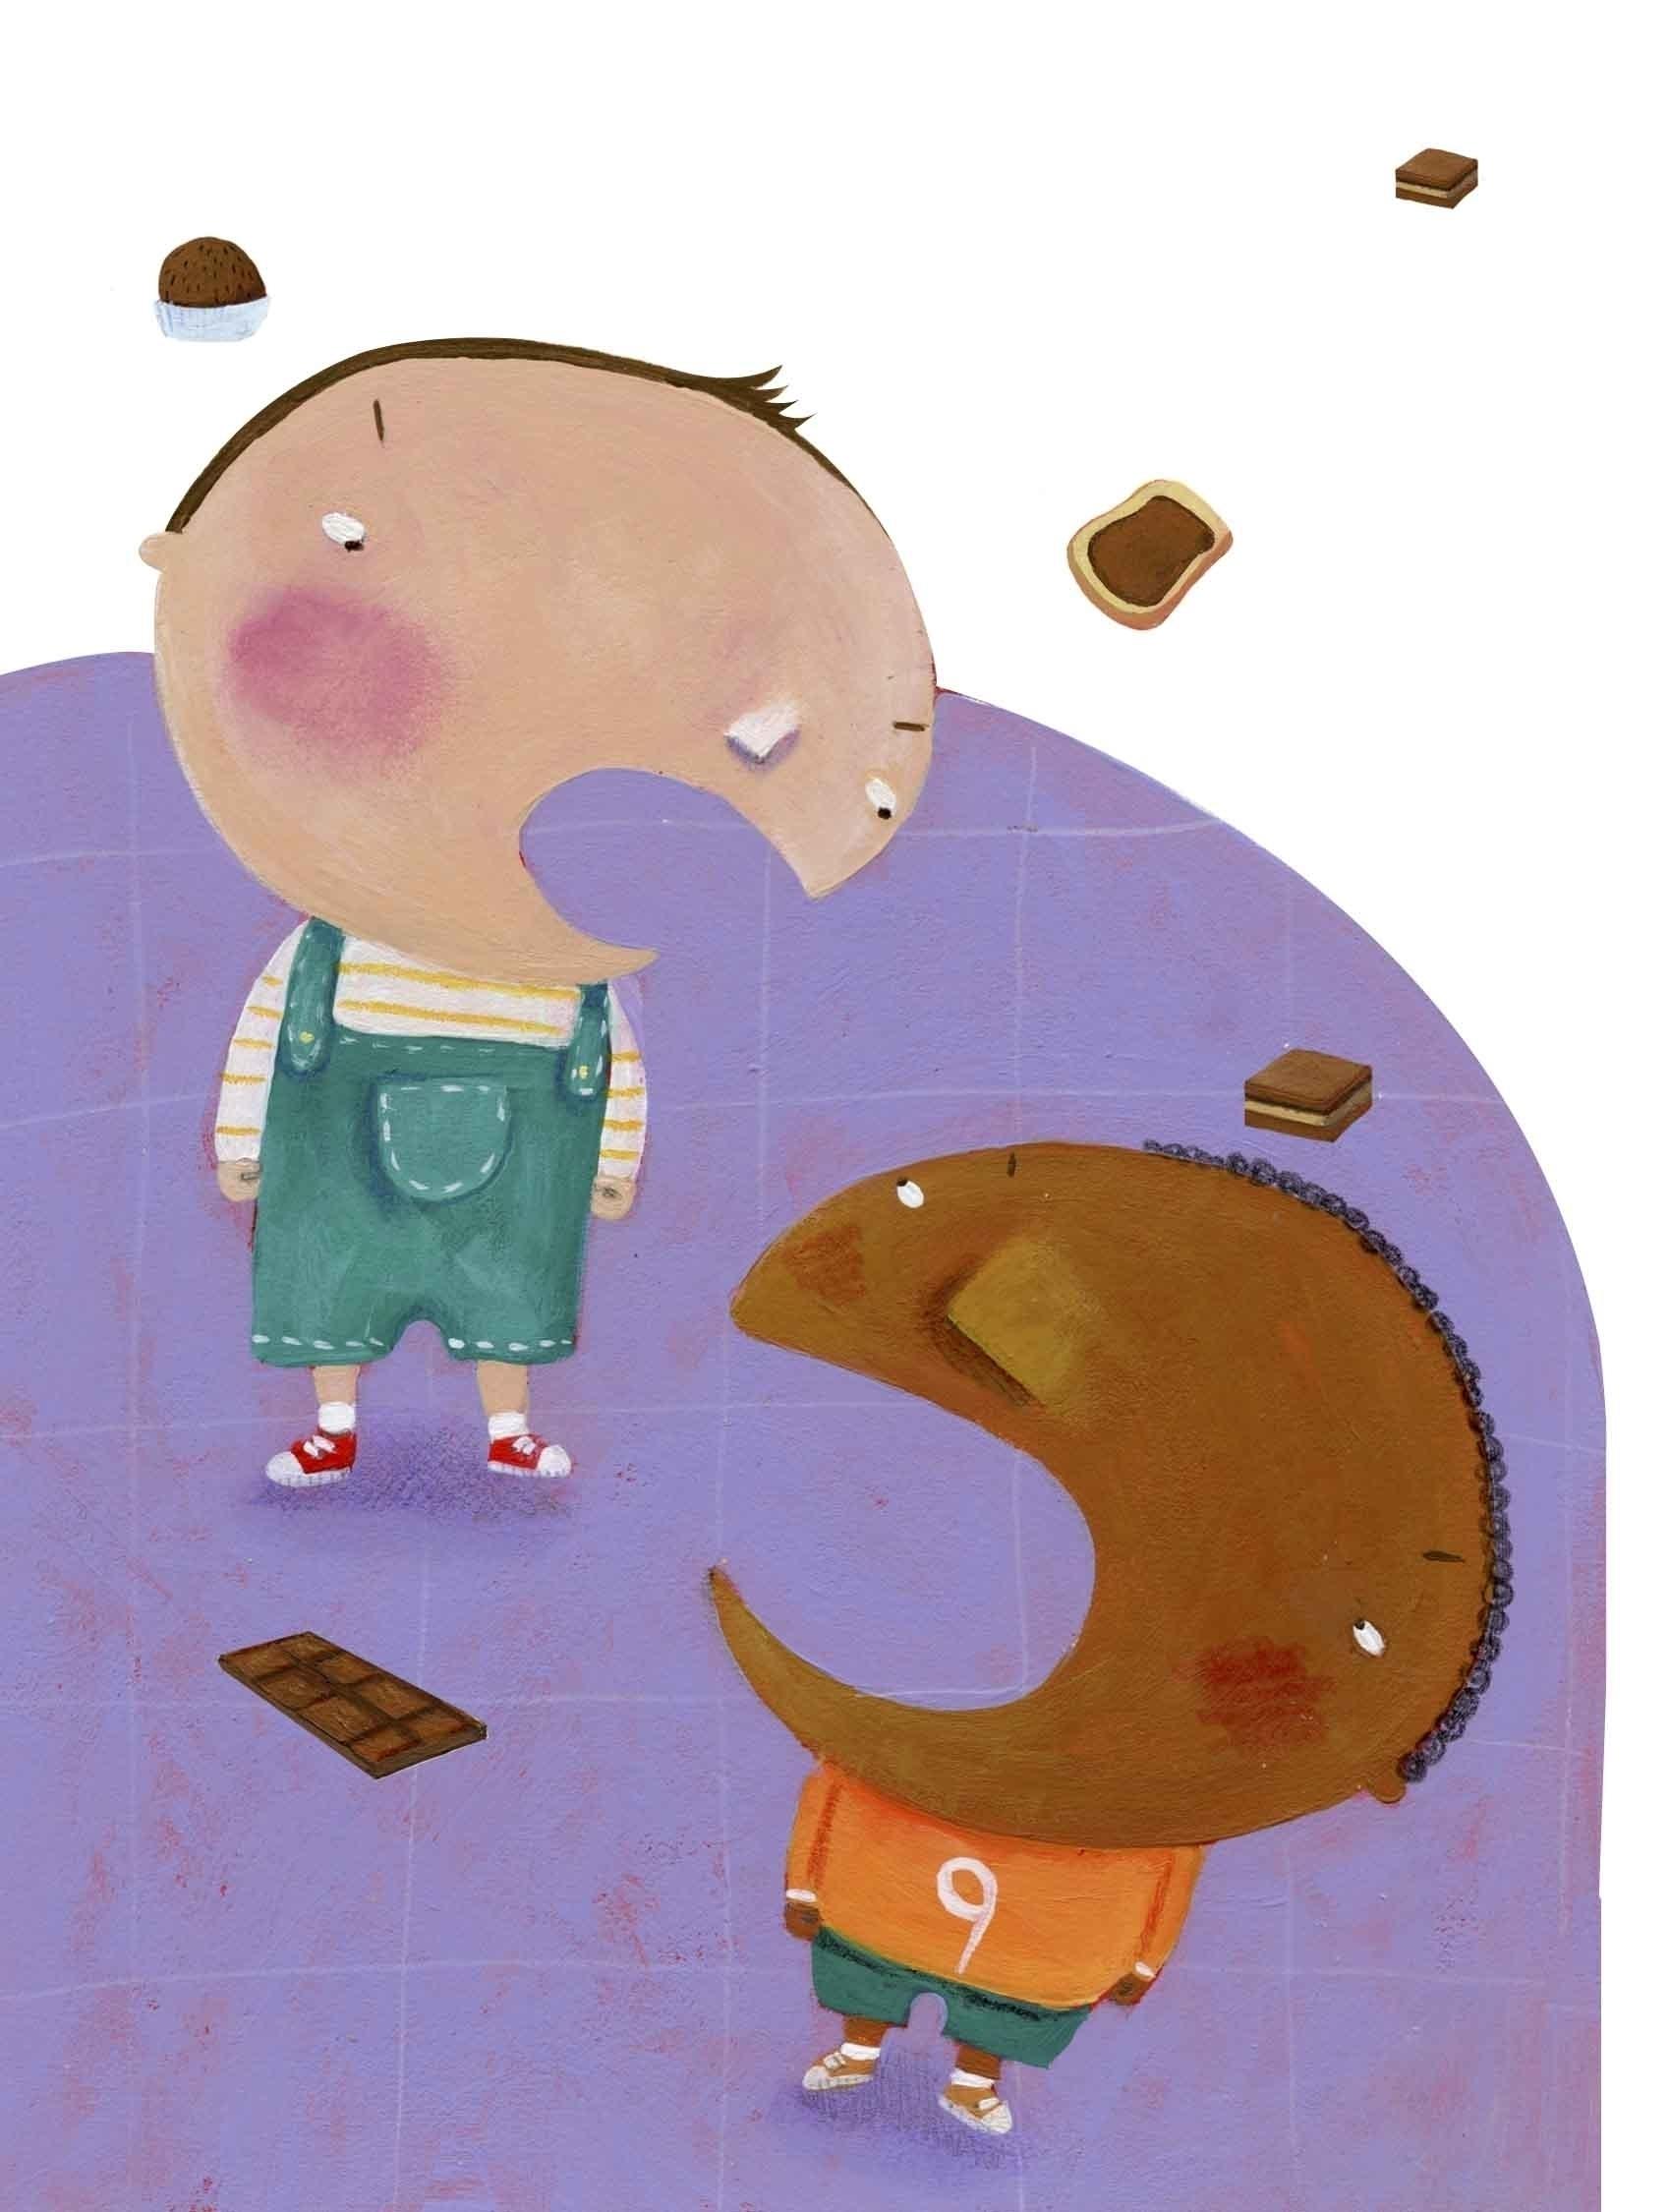 Il mio amico di cioccolato - illustration - francescaassirelli | ello